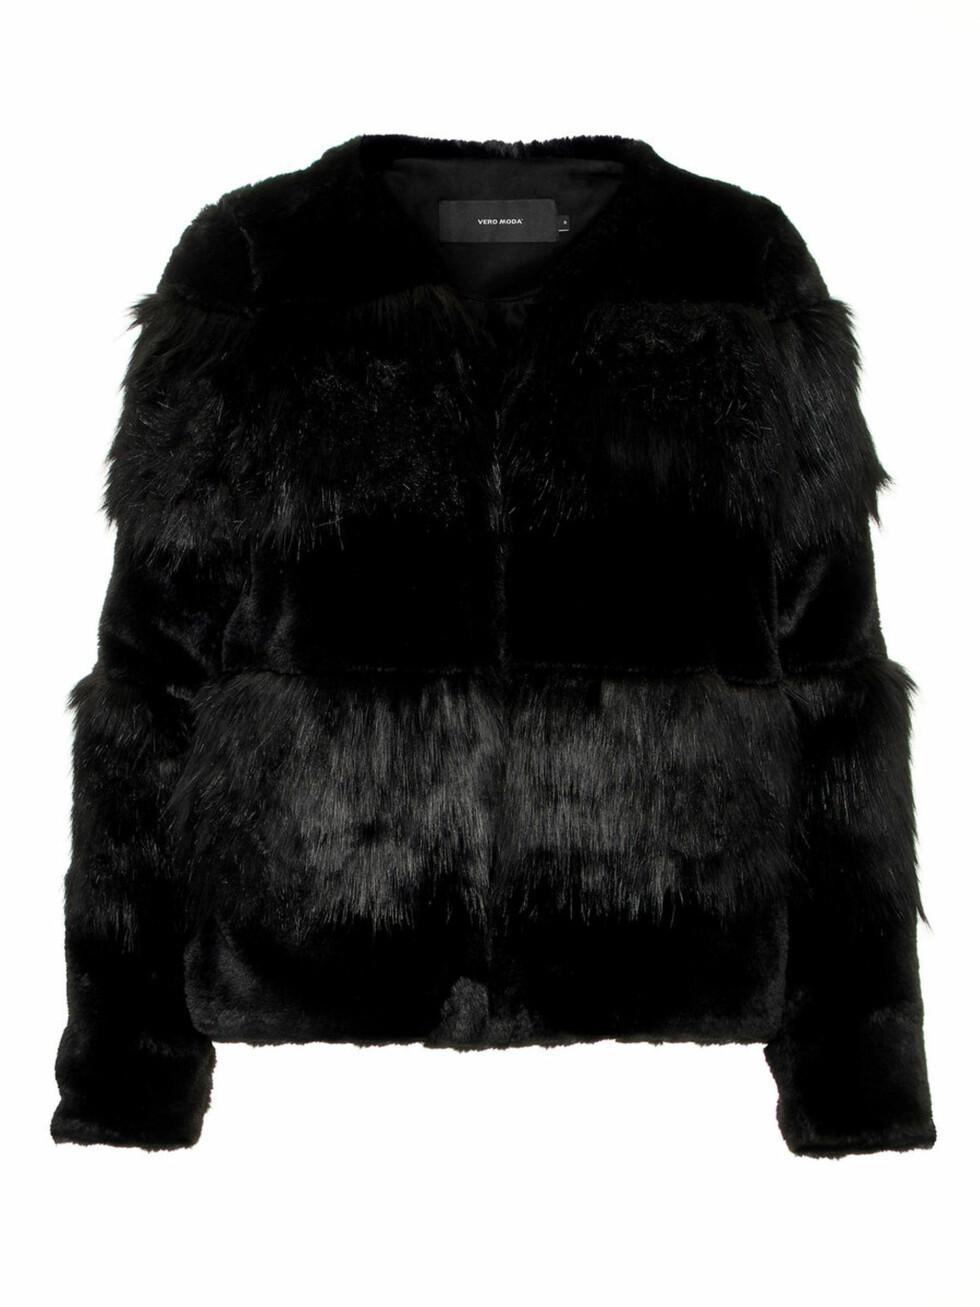 Svart fuskepels fra Vero Moda |700,-| https://www.veromoda.com/no/no/vm/kjoep-etter-kategori/jakker/syntetisk-pels-jakke-10201146.html?cgid=vm-jackets&dwvar_colorPattern=10201146_Black